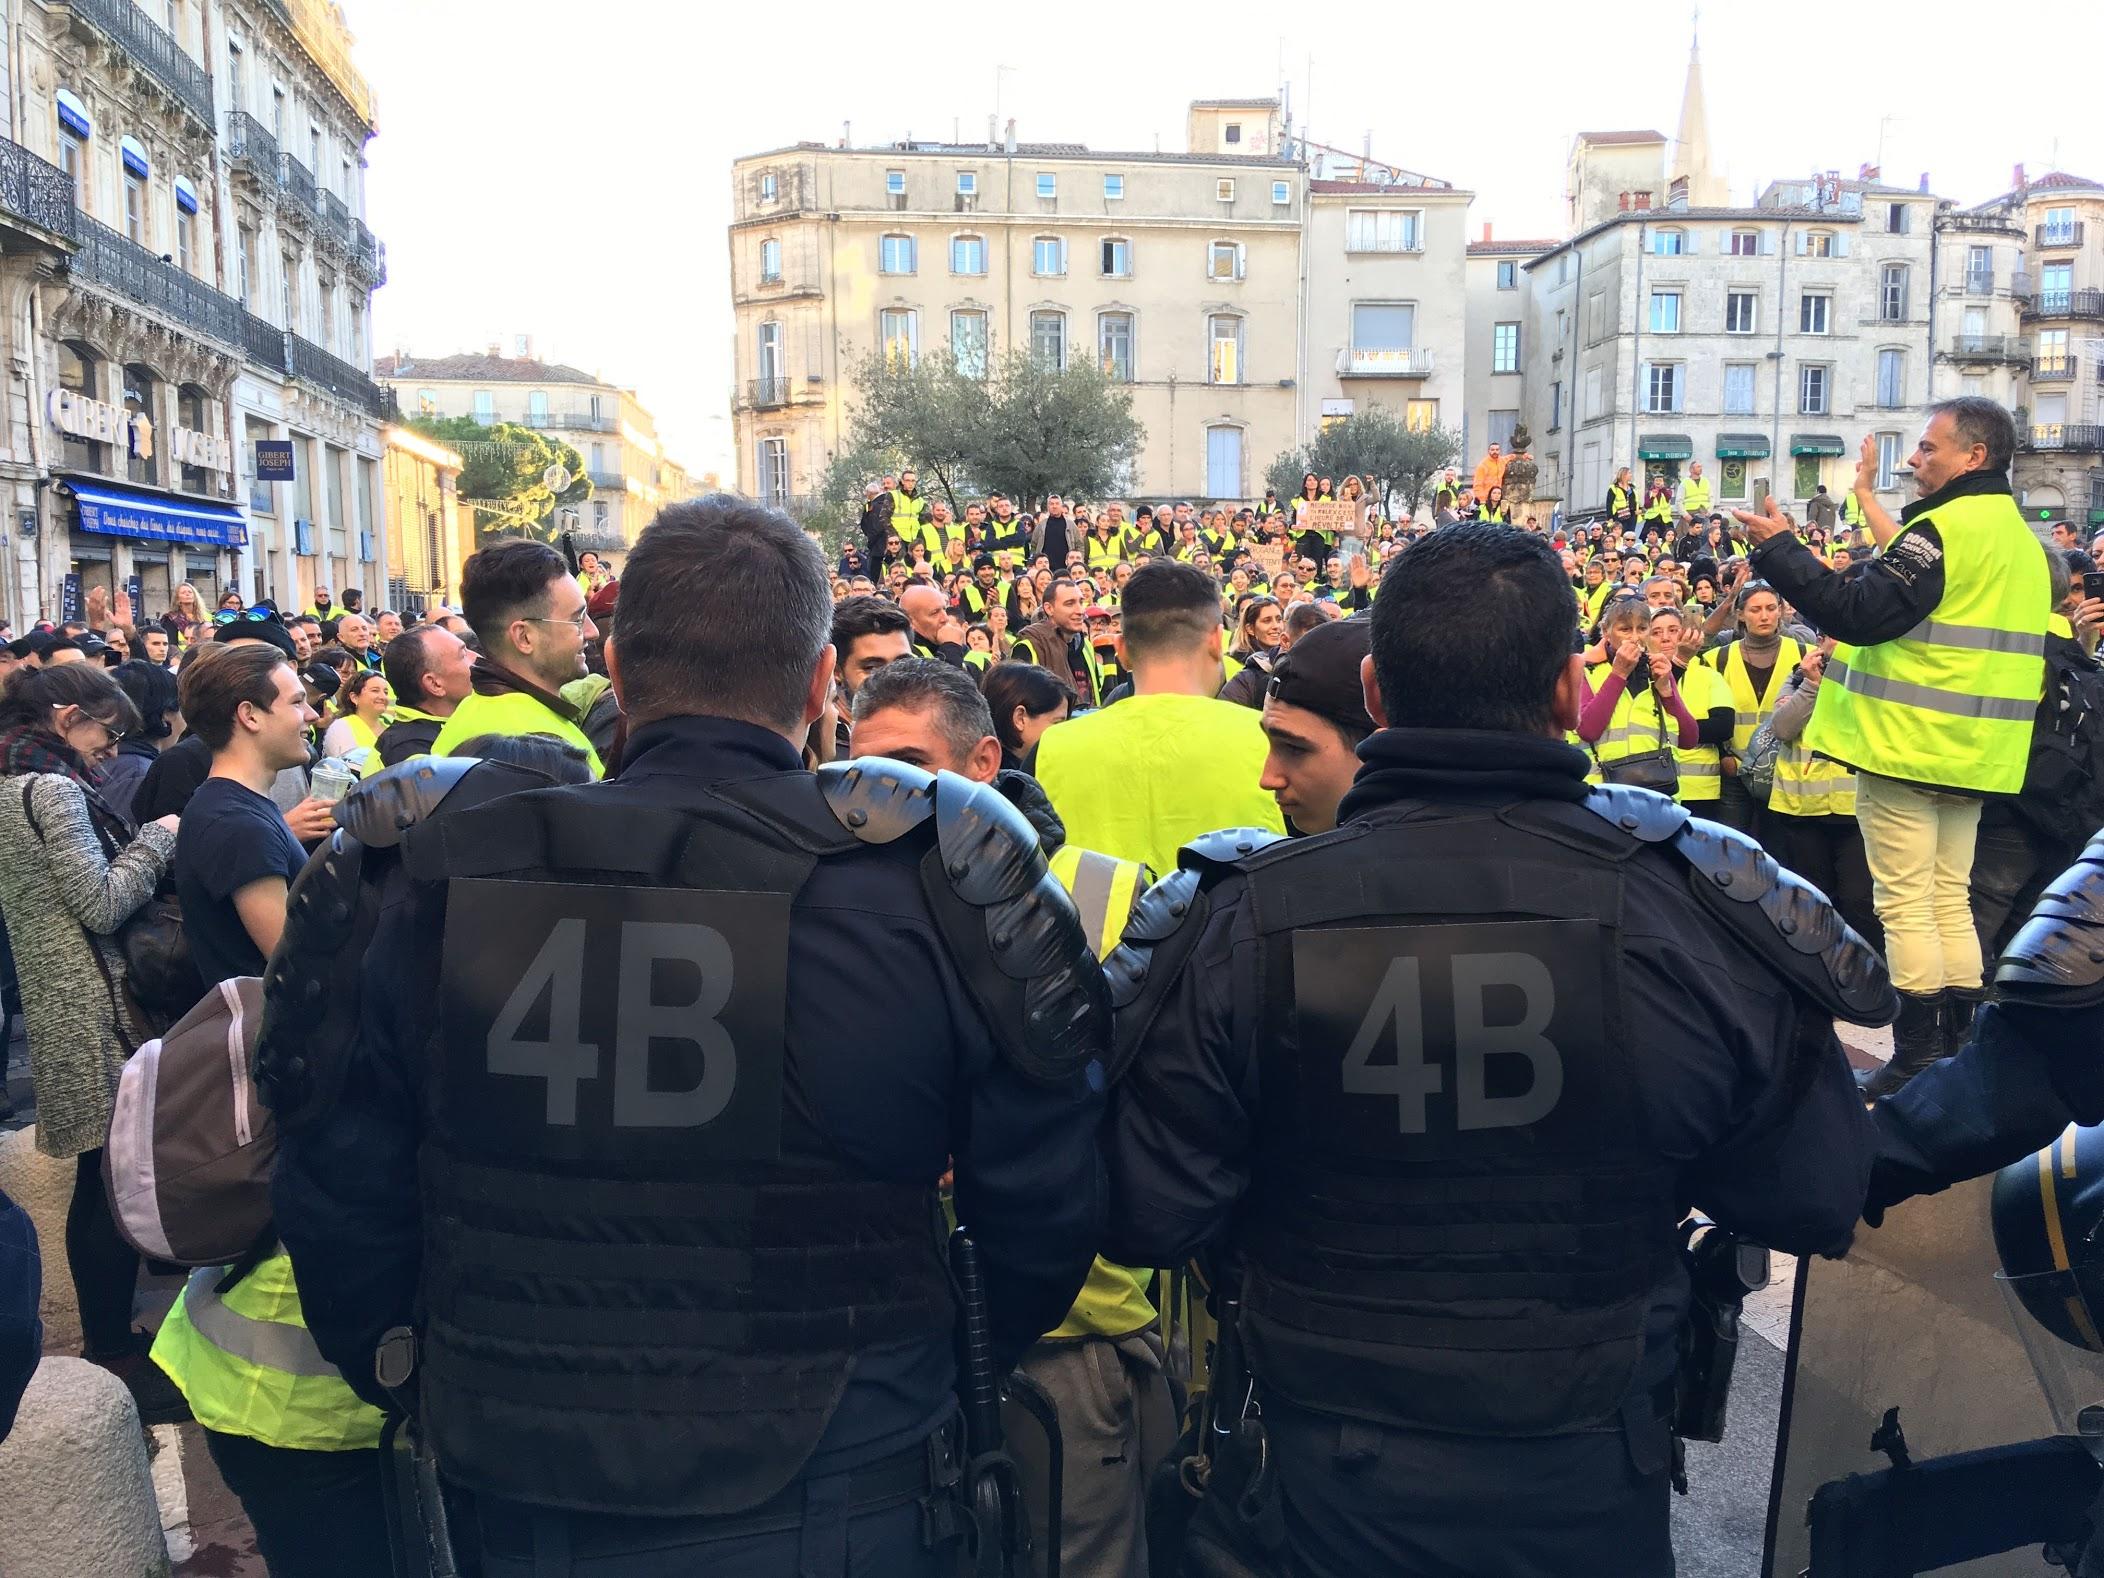 Novembre 2018 Montpellier préfecture rassemblement Gilets Jaunes - Photo © JP Vallespir